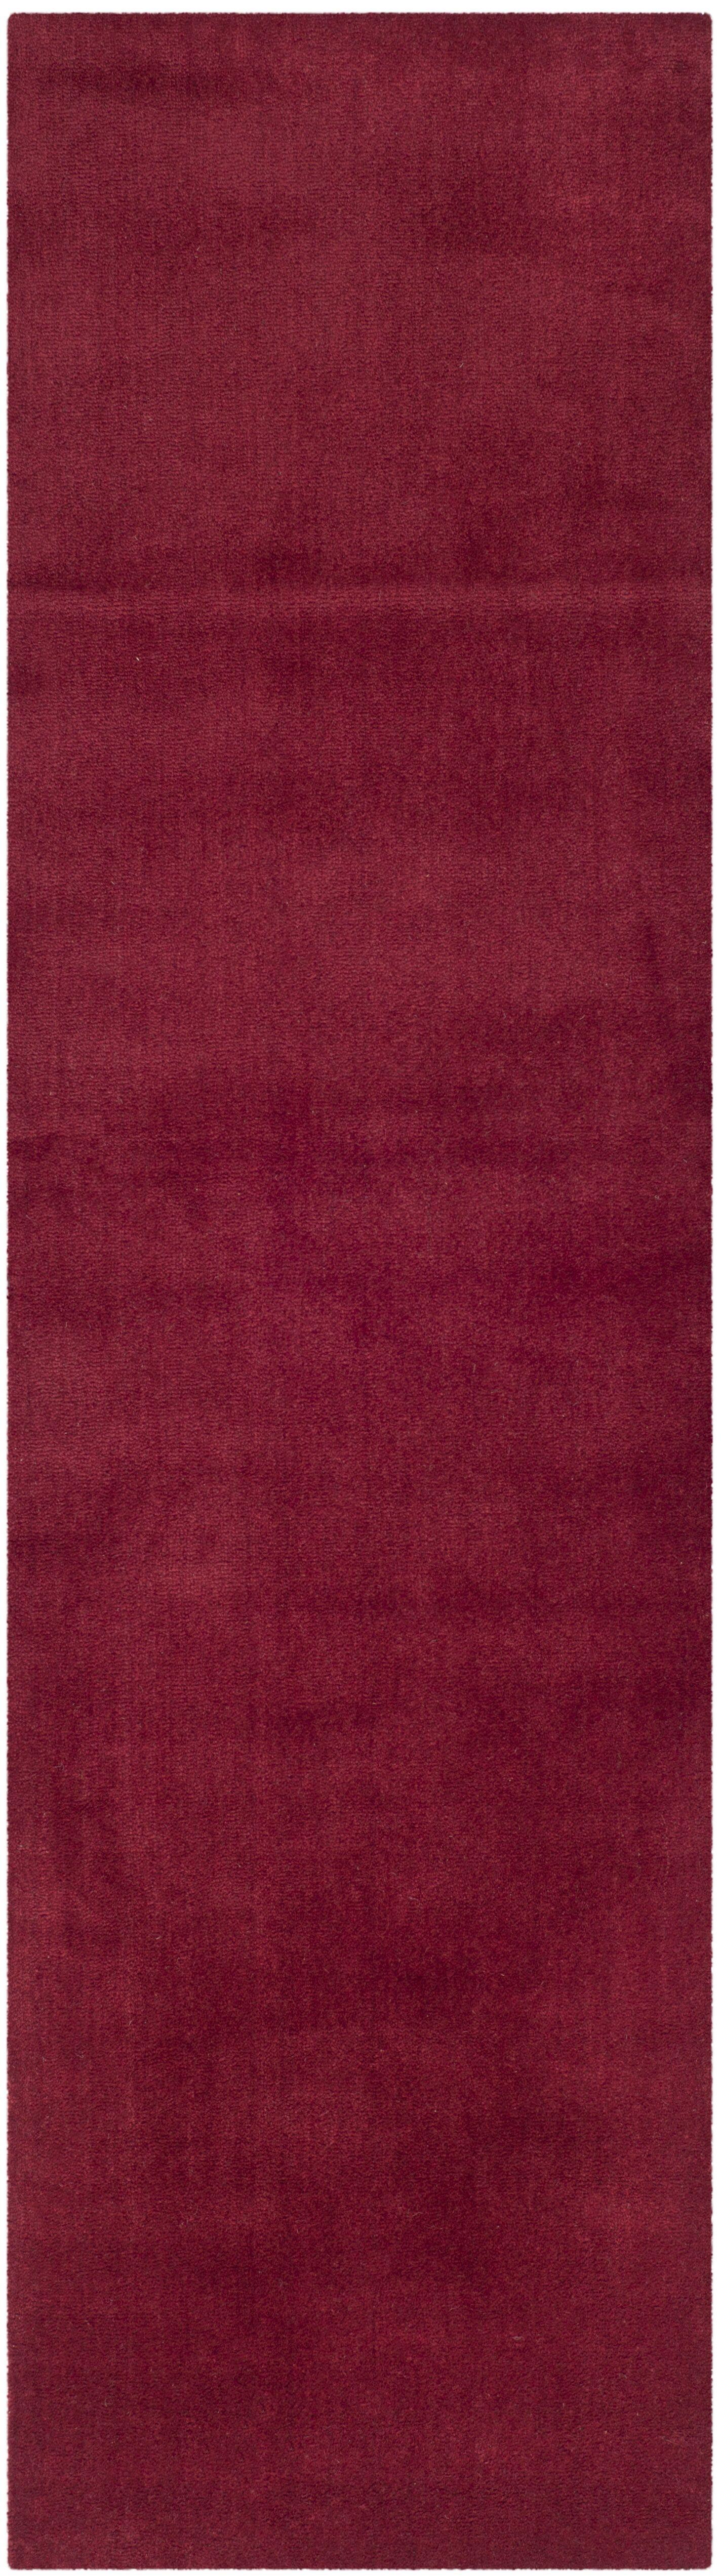 Bargo Red Area Rug Rug Size: Runner 2'3